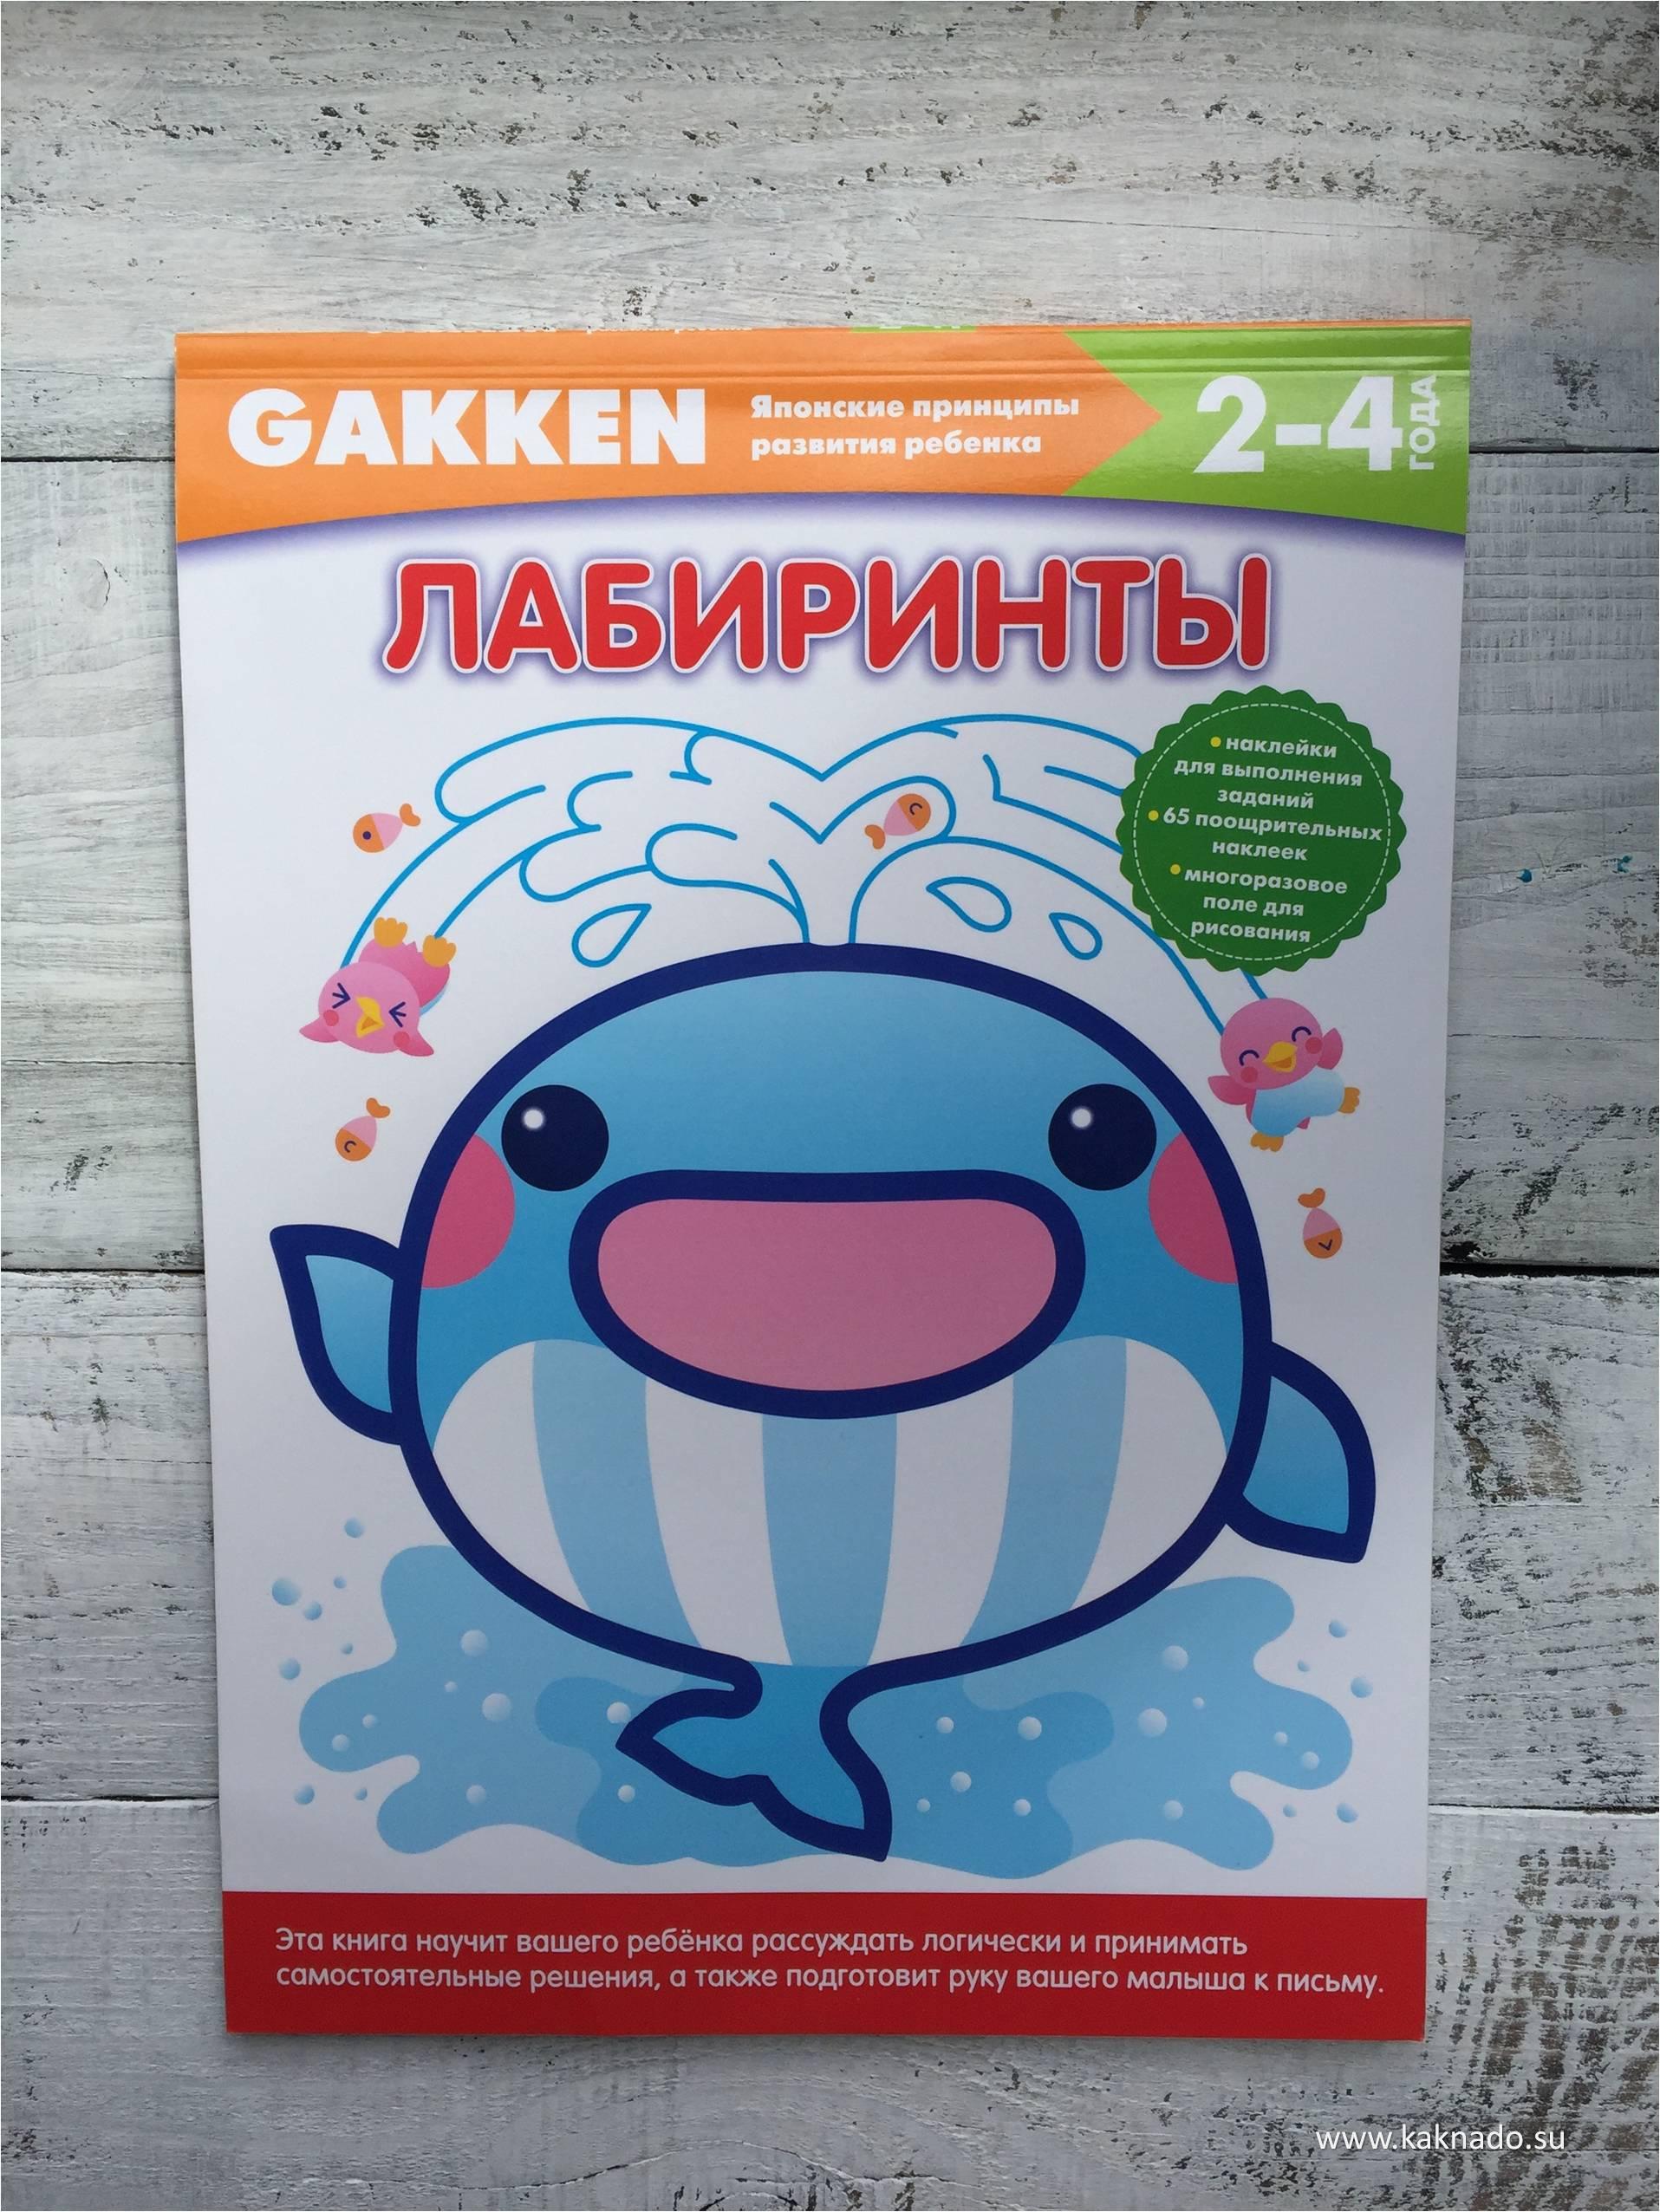 GAKKEN_10